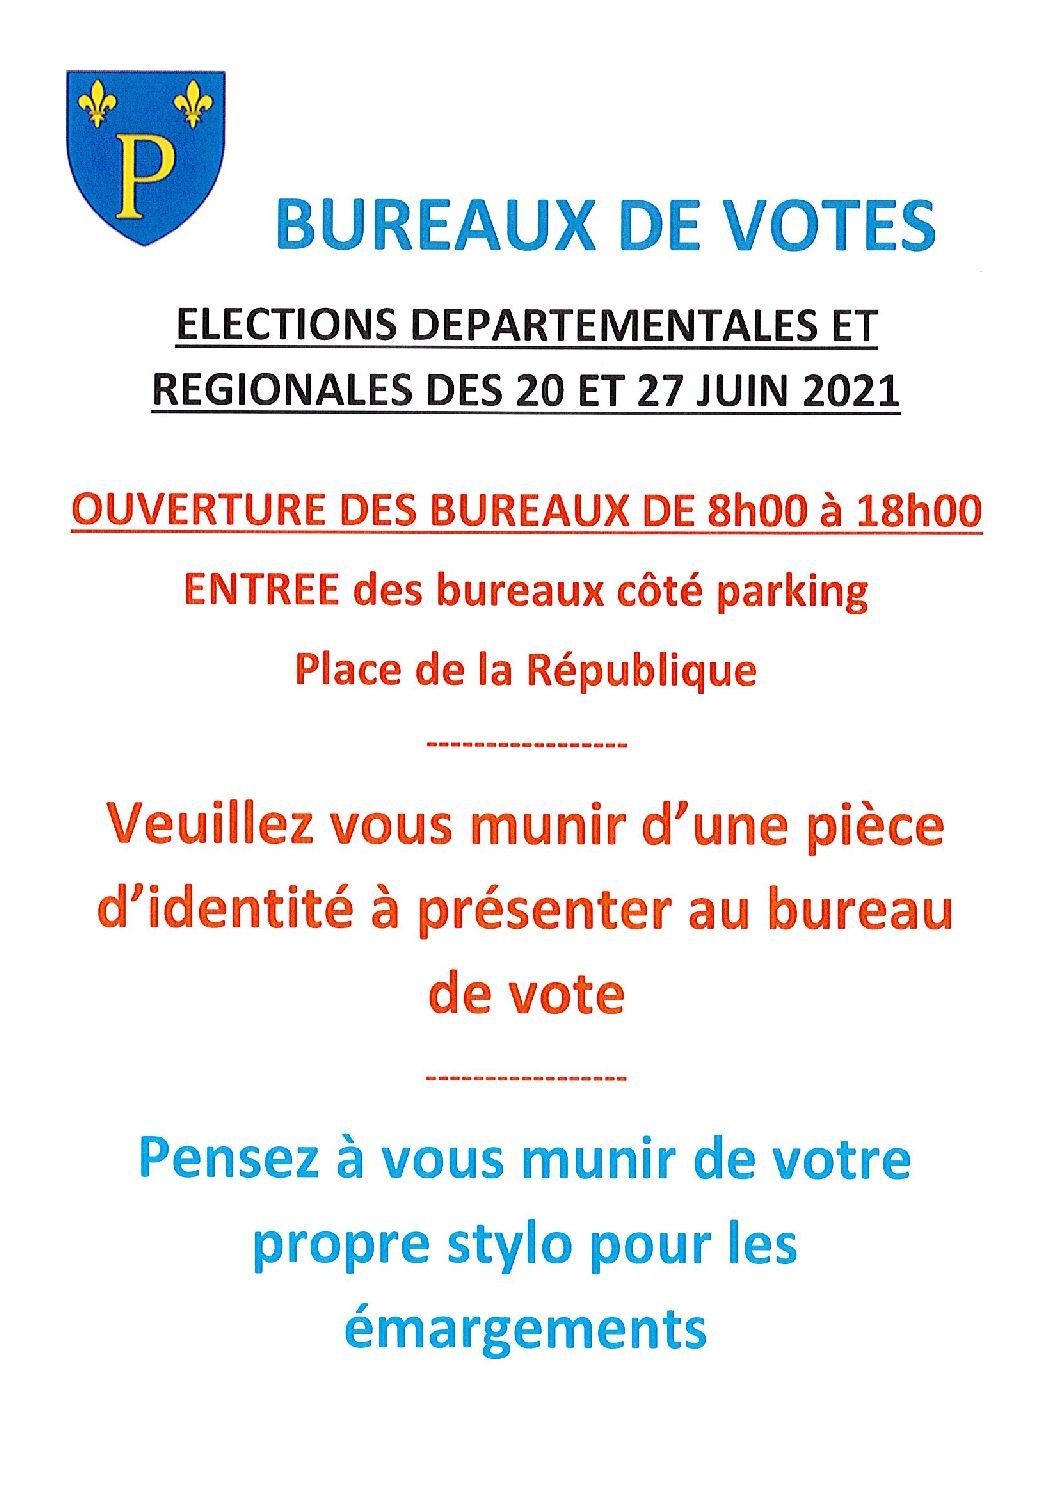 ELECTIONS BUREAUX DE VOTES